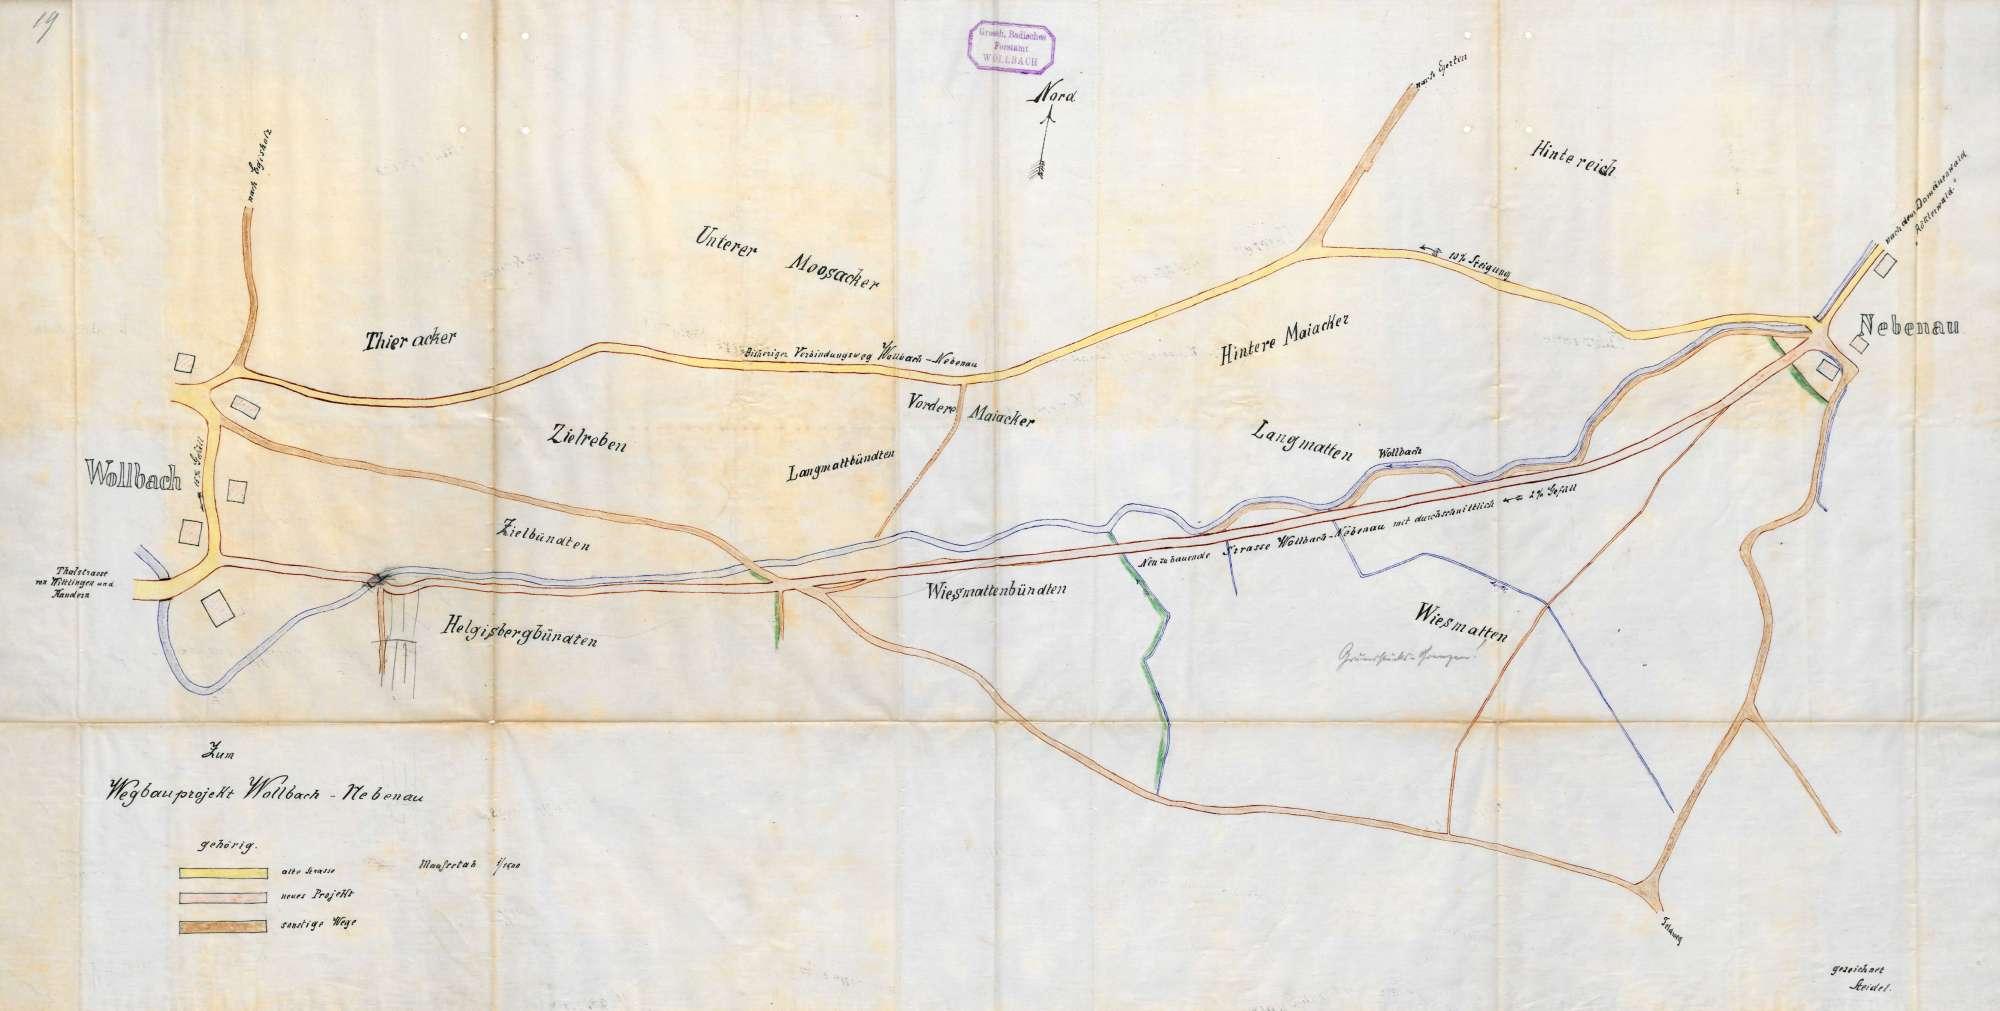 Bau eines Verbindungsweges zwischen Wollbach und Nebenau, Bild 1